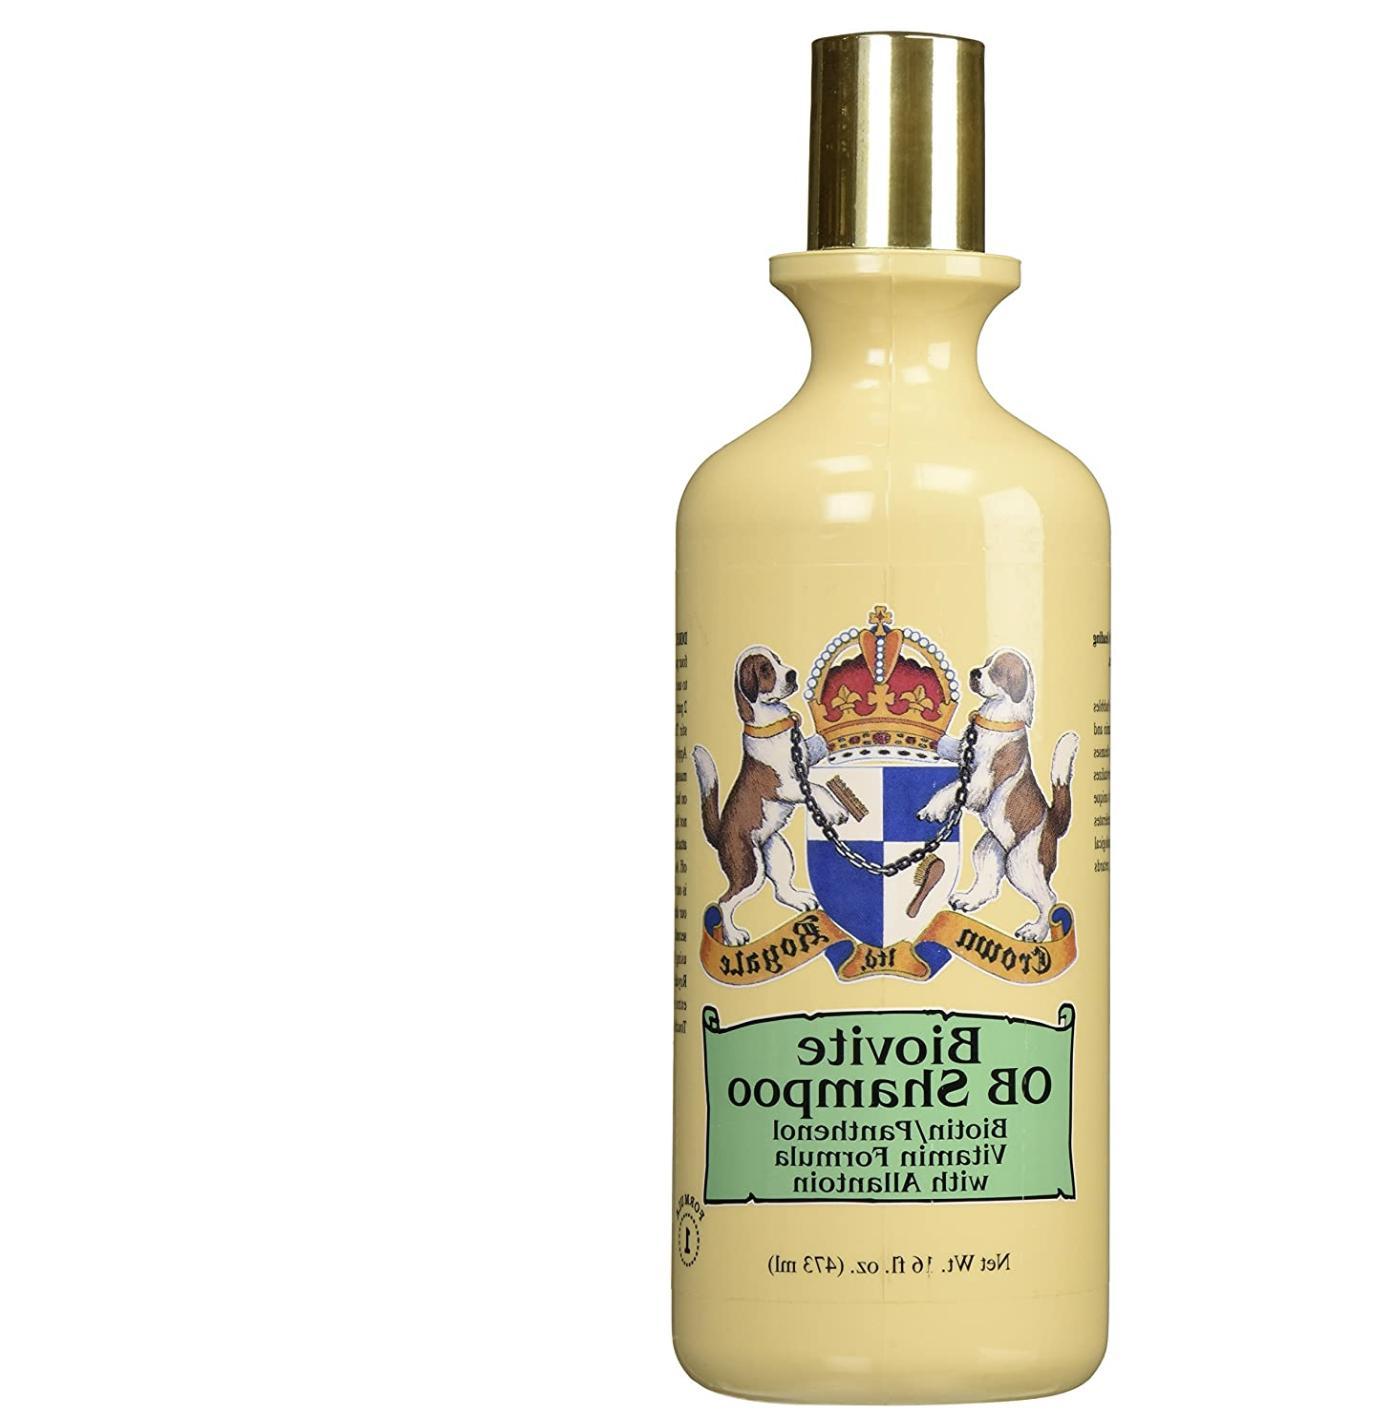 biovite ob shampoo 1 concentrate